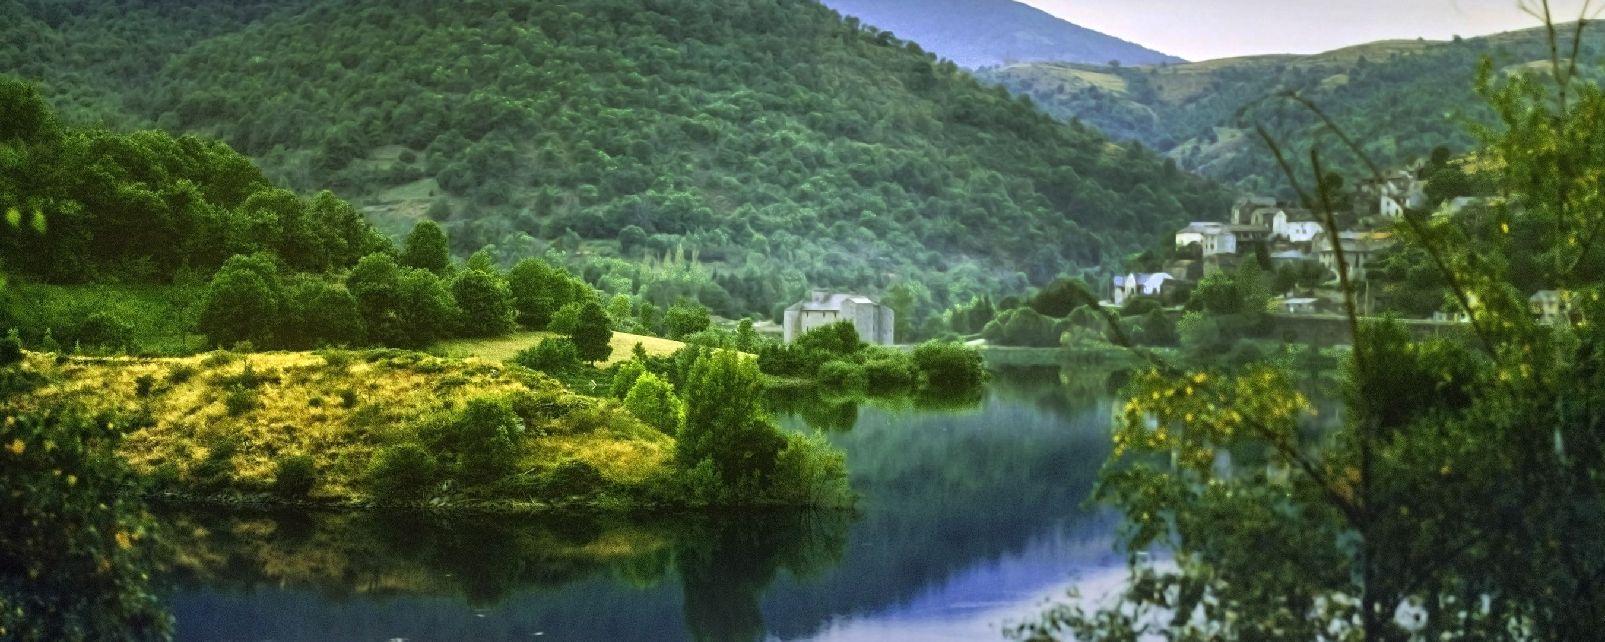 Una regione tra montagne e foreste , La flora del Languedoc-Roussillon , Francia